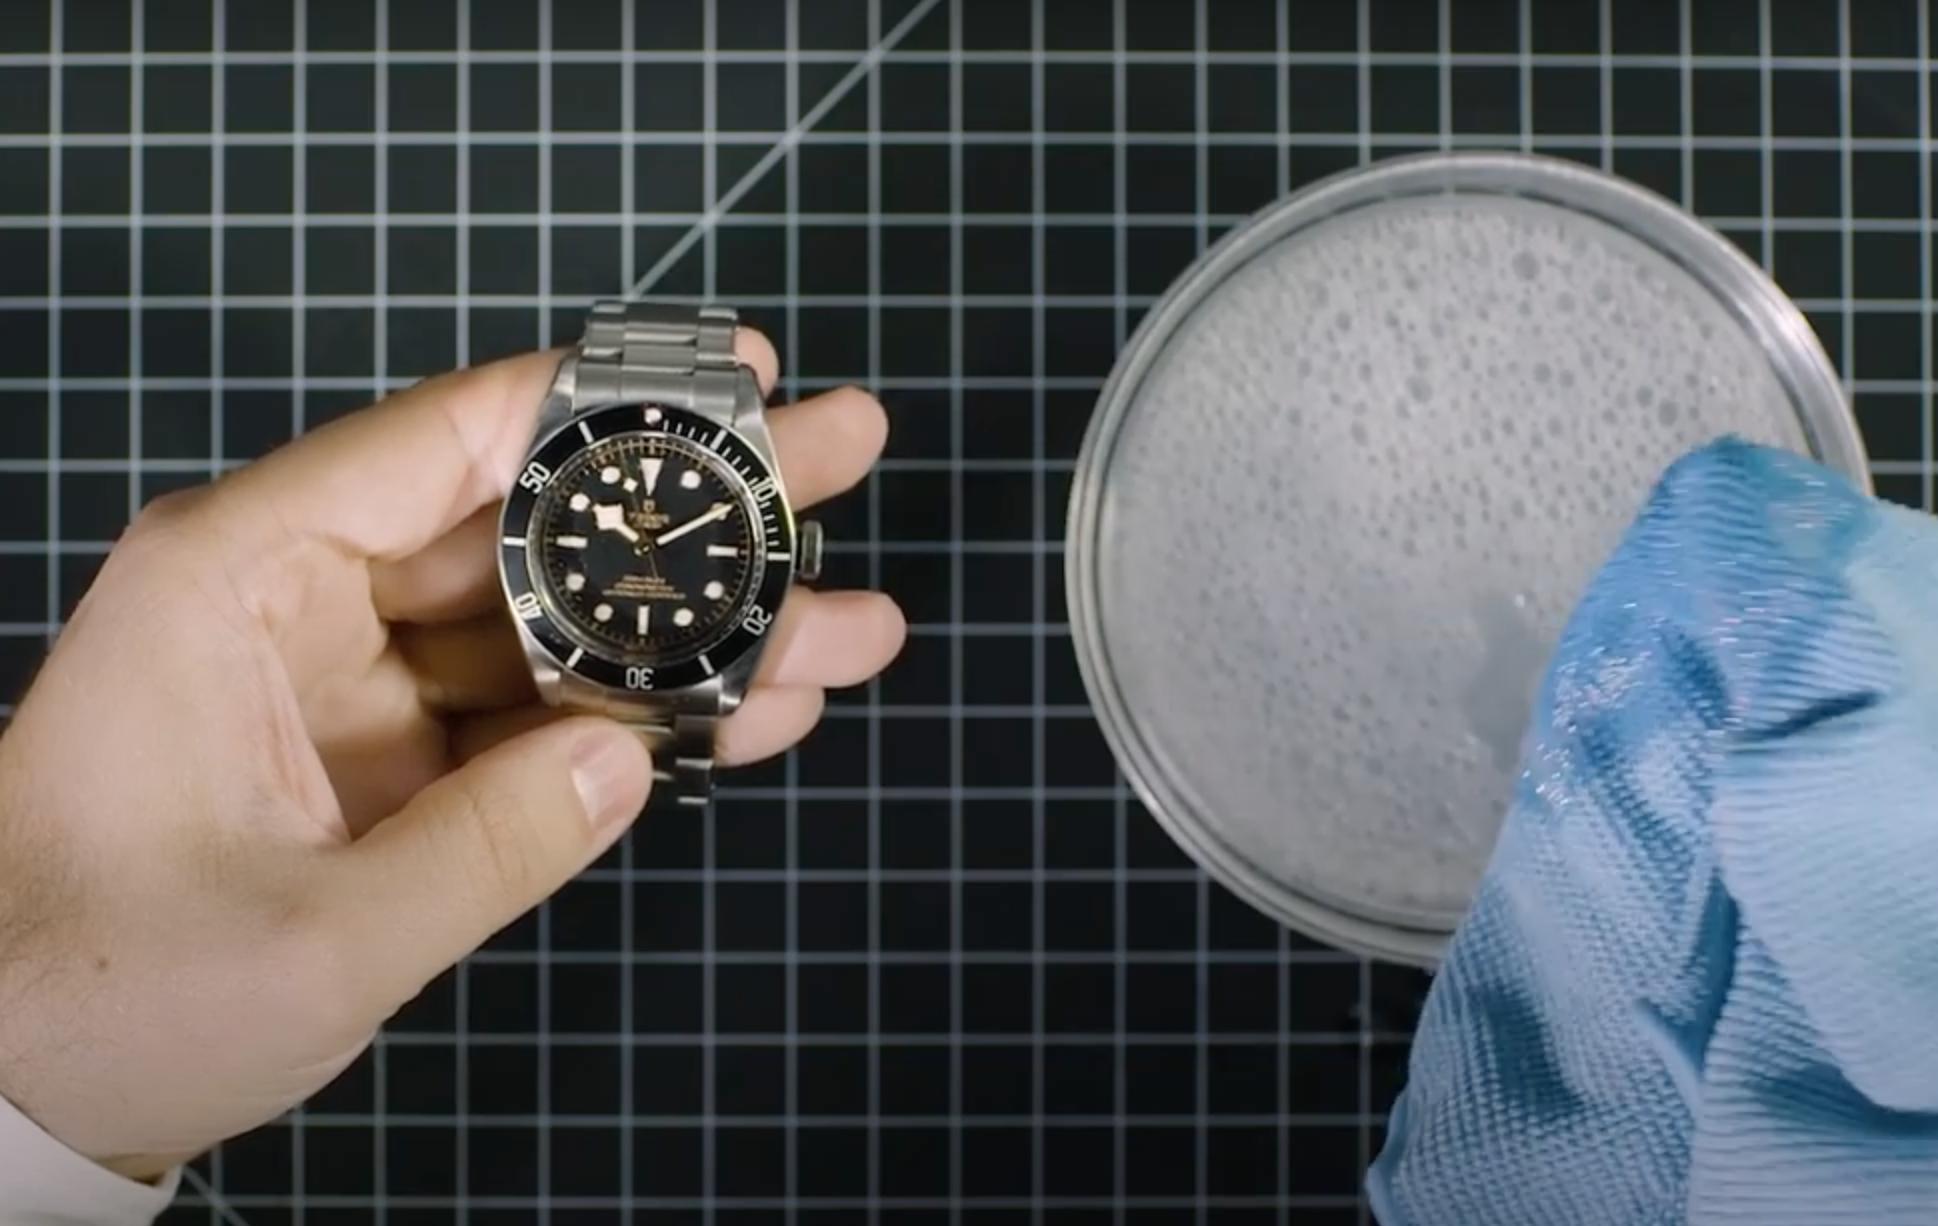 ¿Cómo limpiar tu reloj en 3 sencillos pasos?